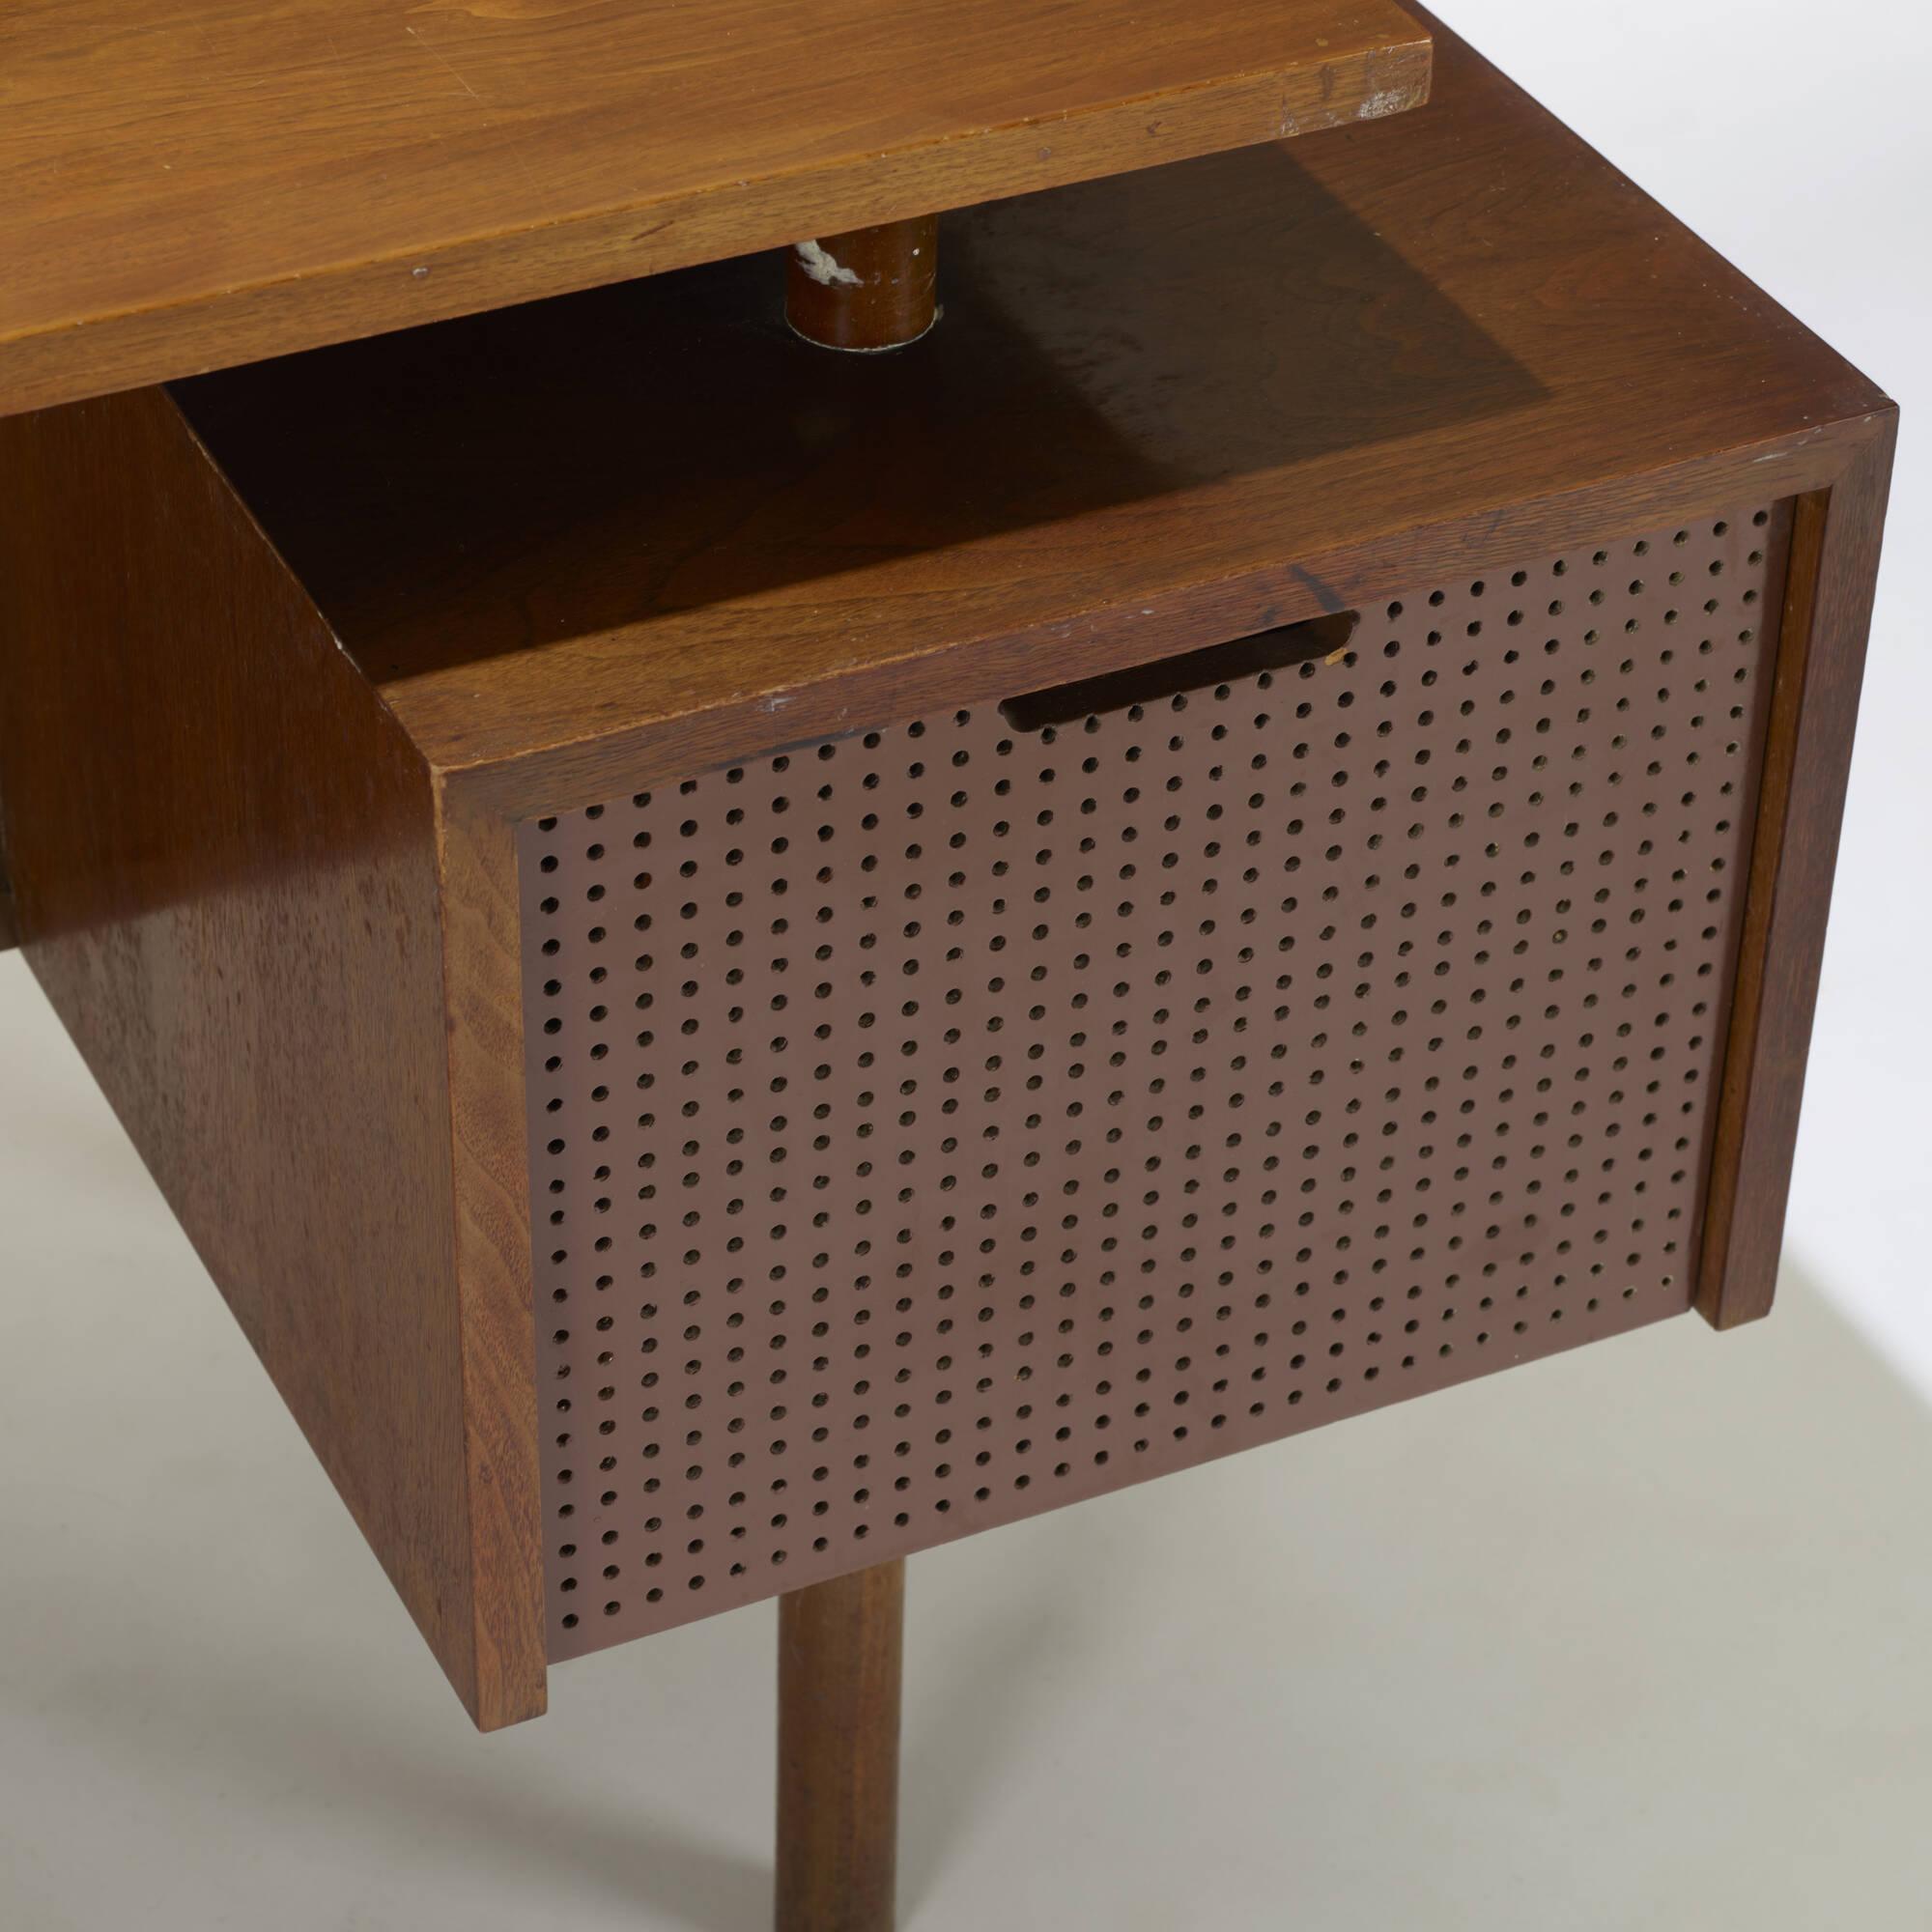 191: Milo Baughman / desk, model 1625 (4 of 4)